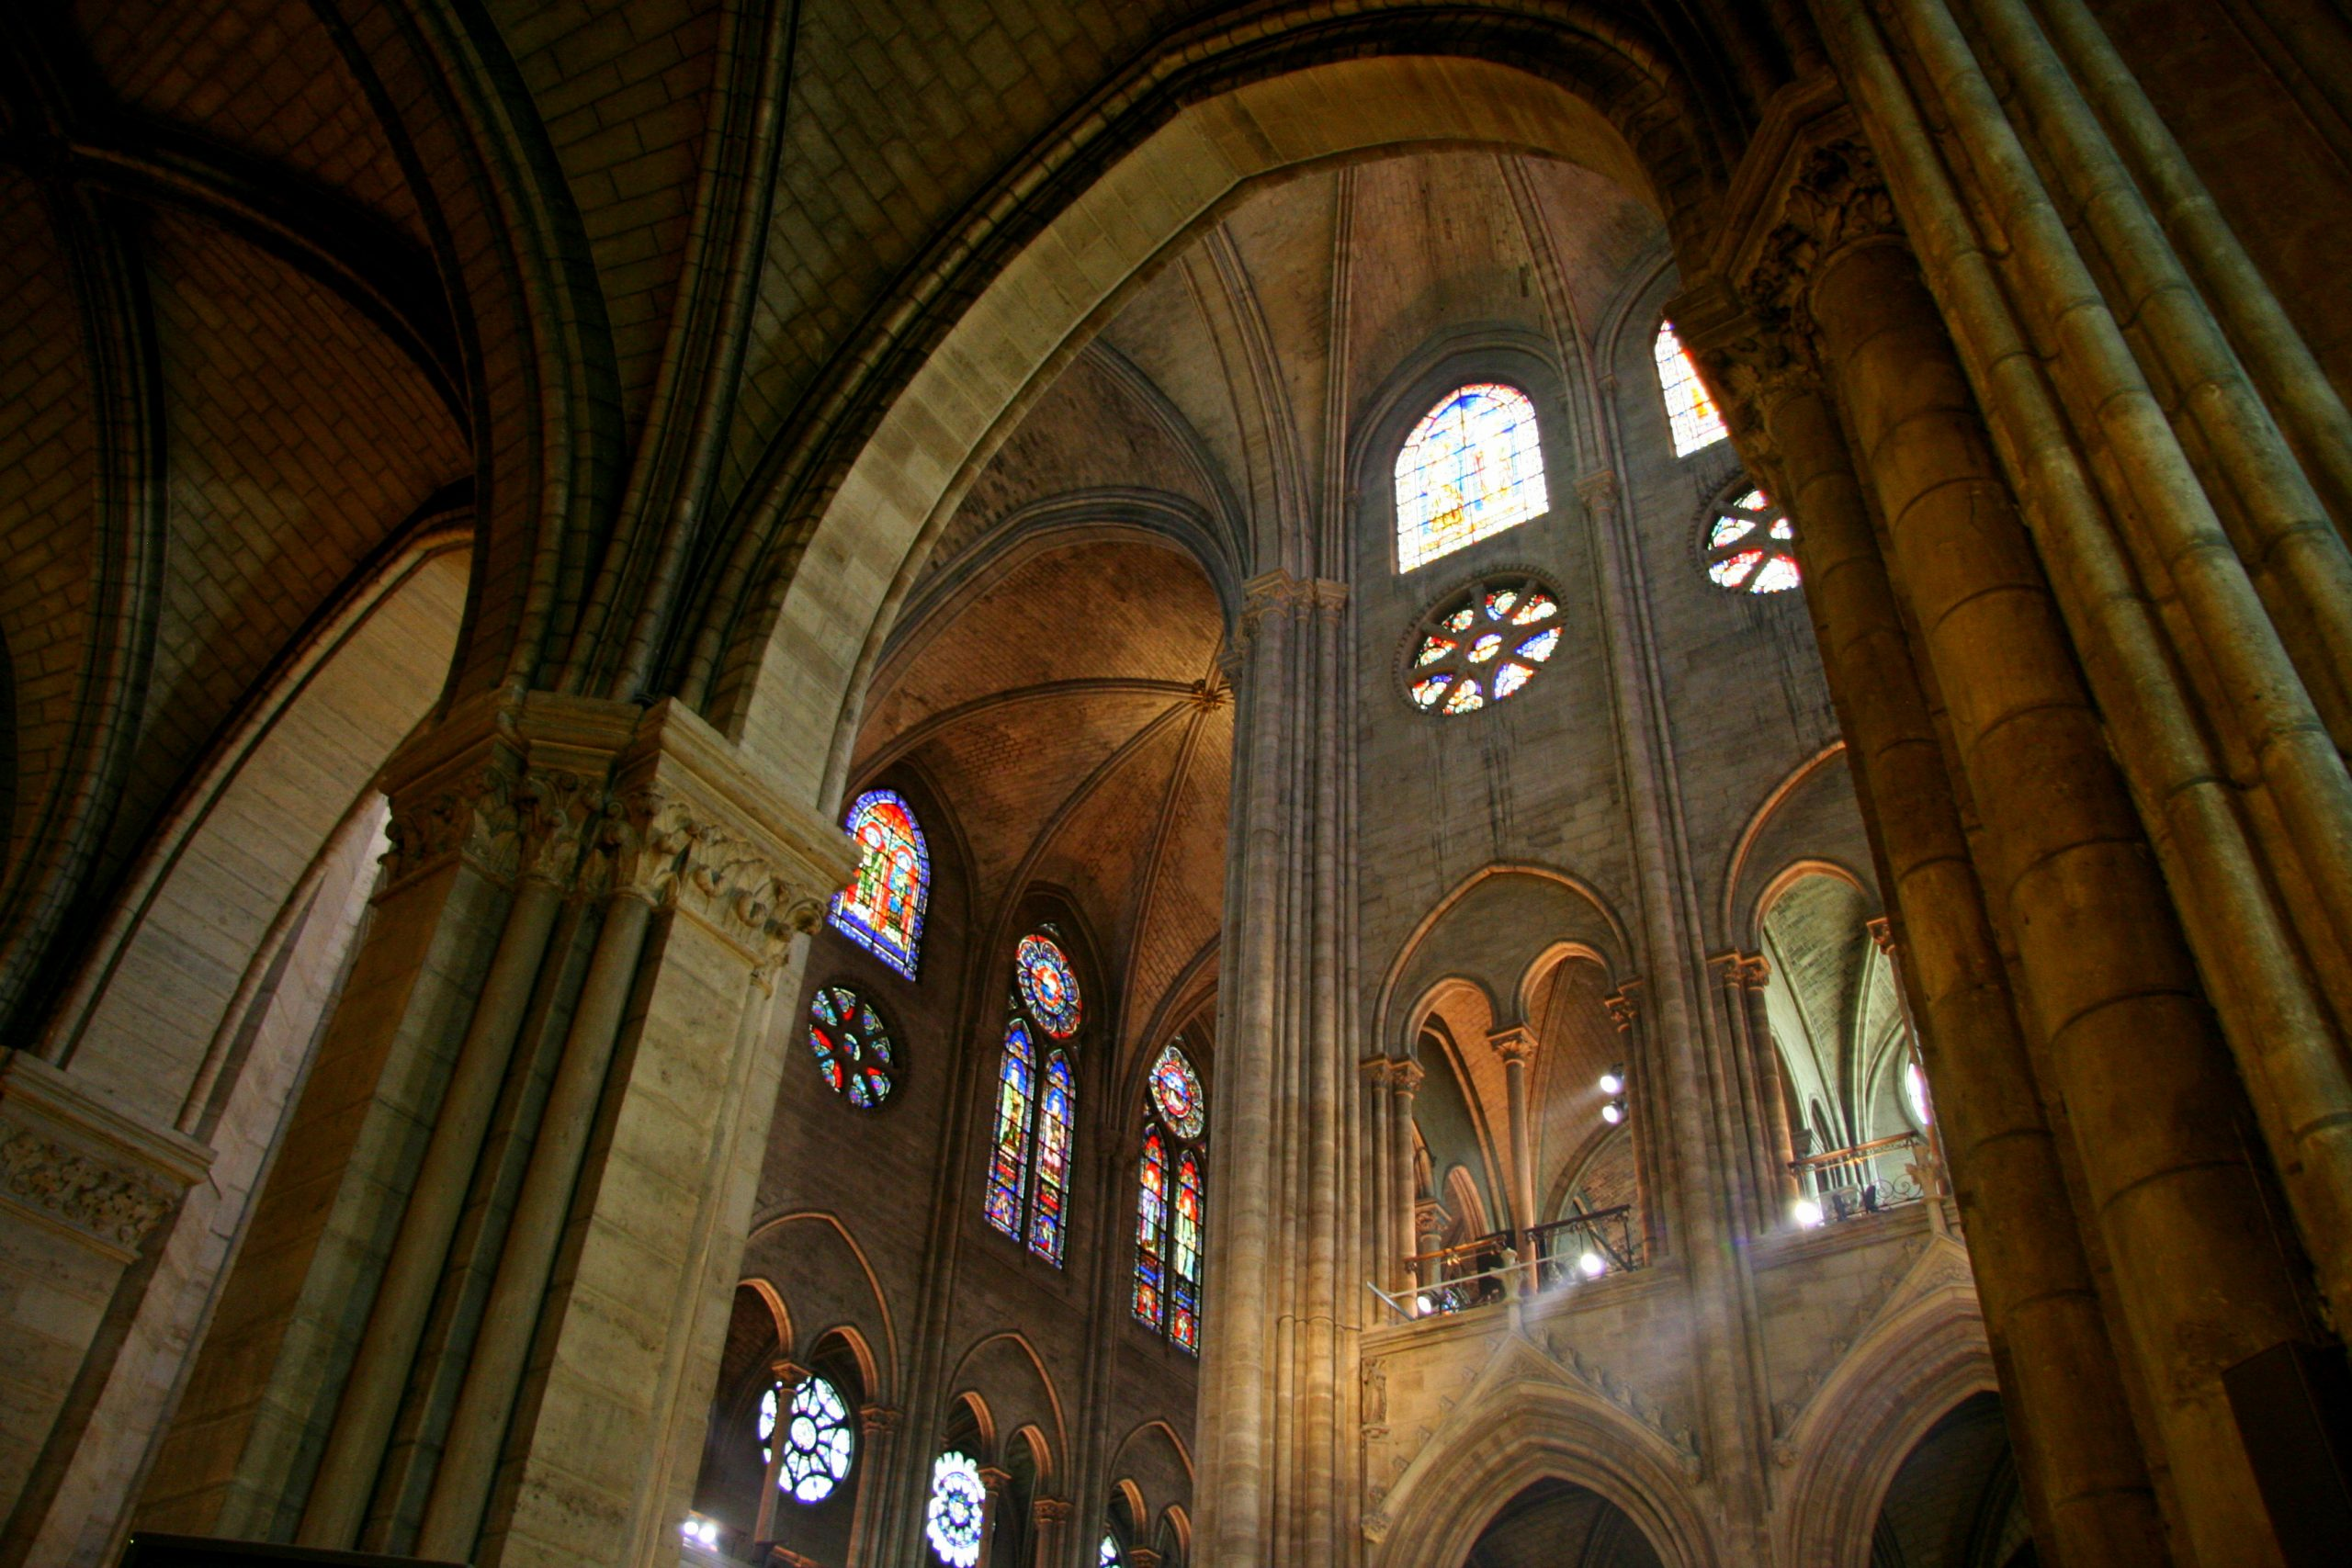 2014, Cathedrale Notre-Dame, Paris, France